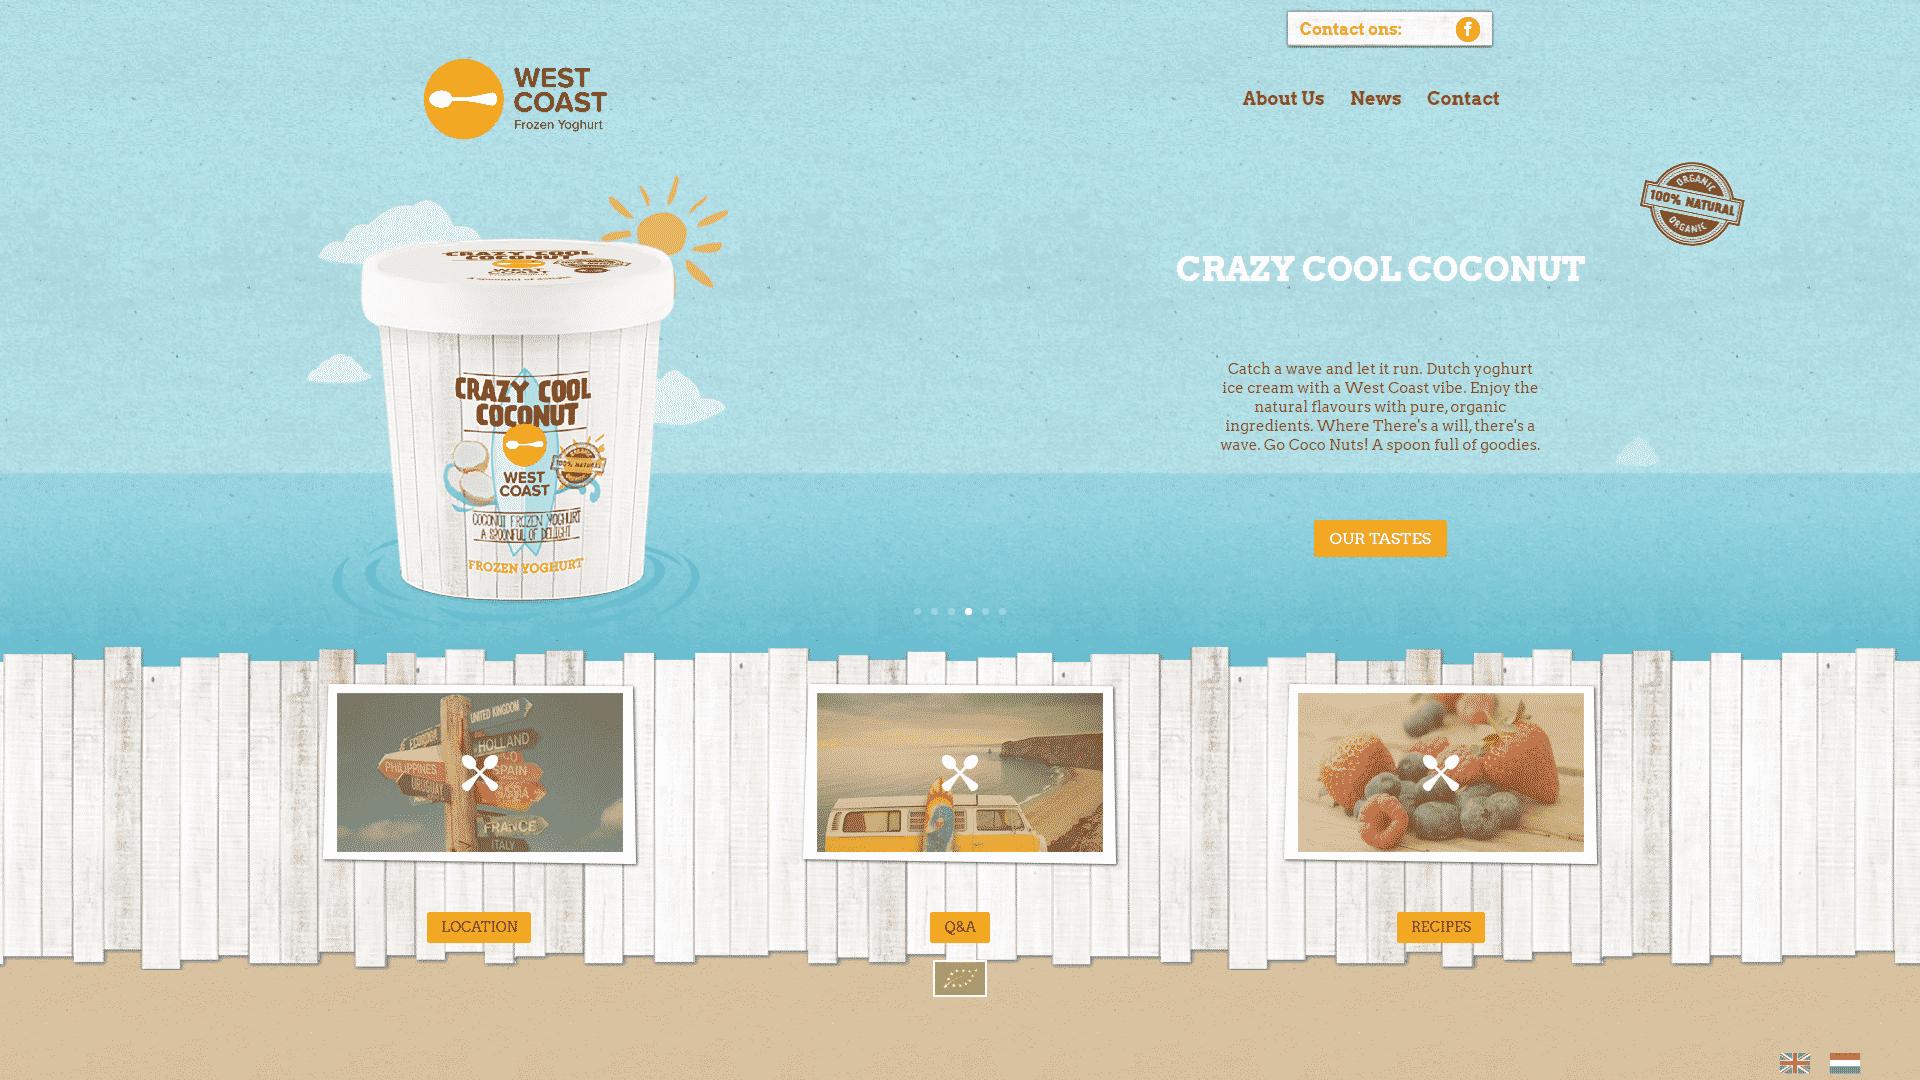 De voorpagina van de website westcoast frozen yoghurt die is gemaakt door galileo academy